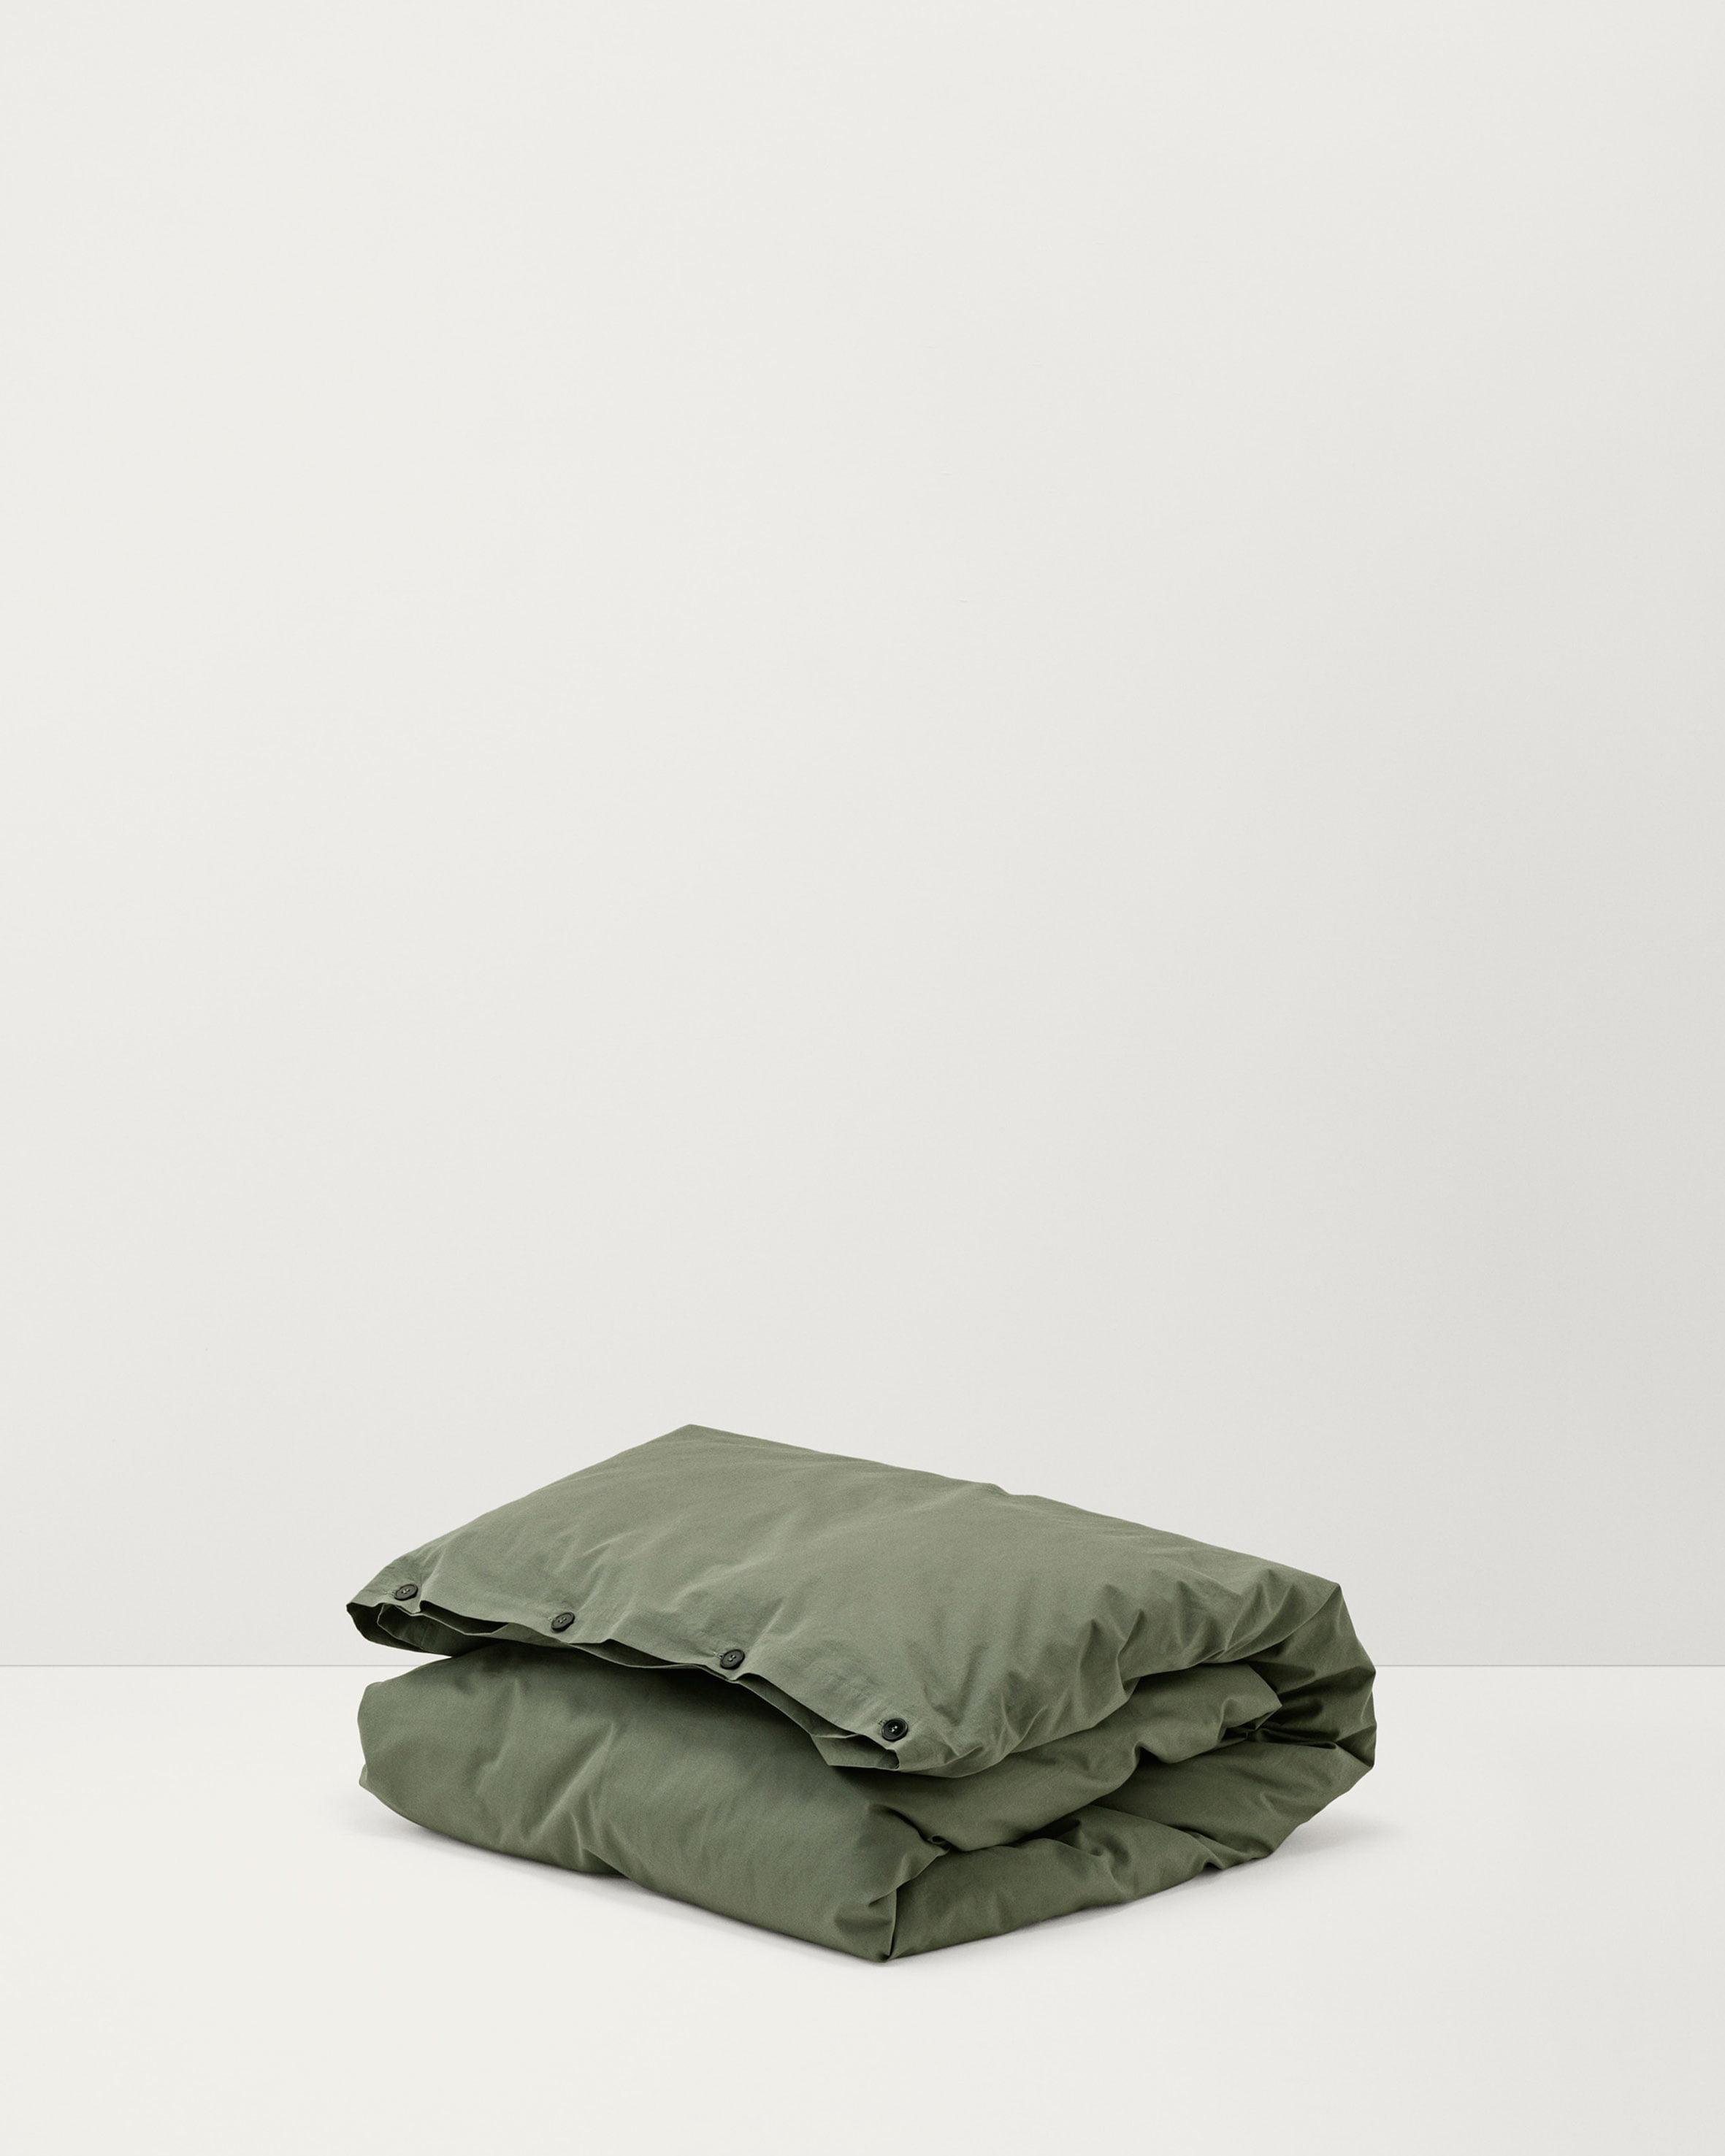 TEKLA Sengetøy Bomull, Olive green